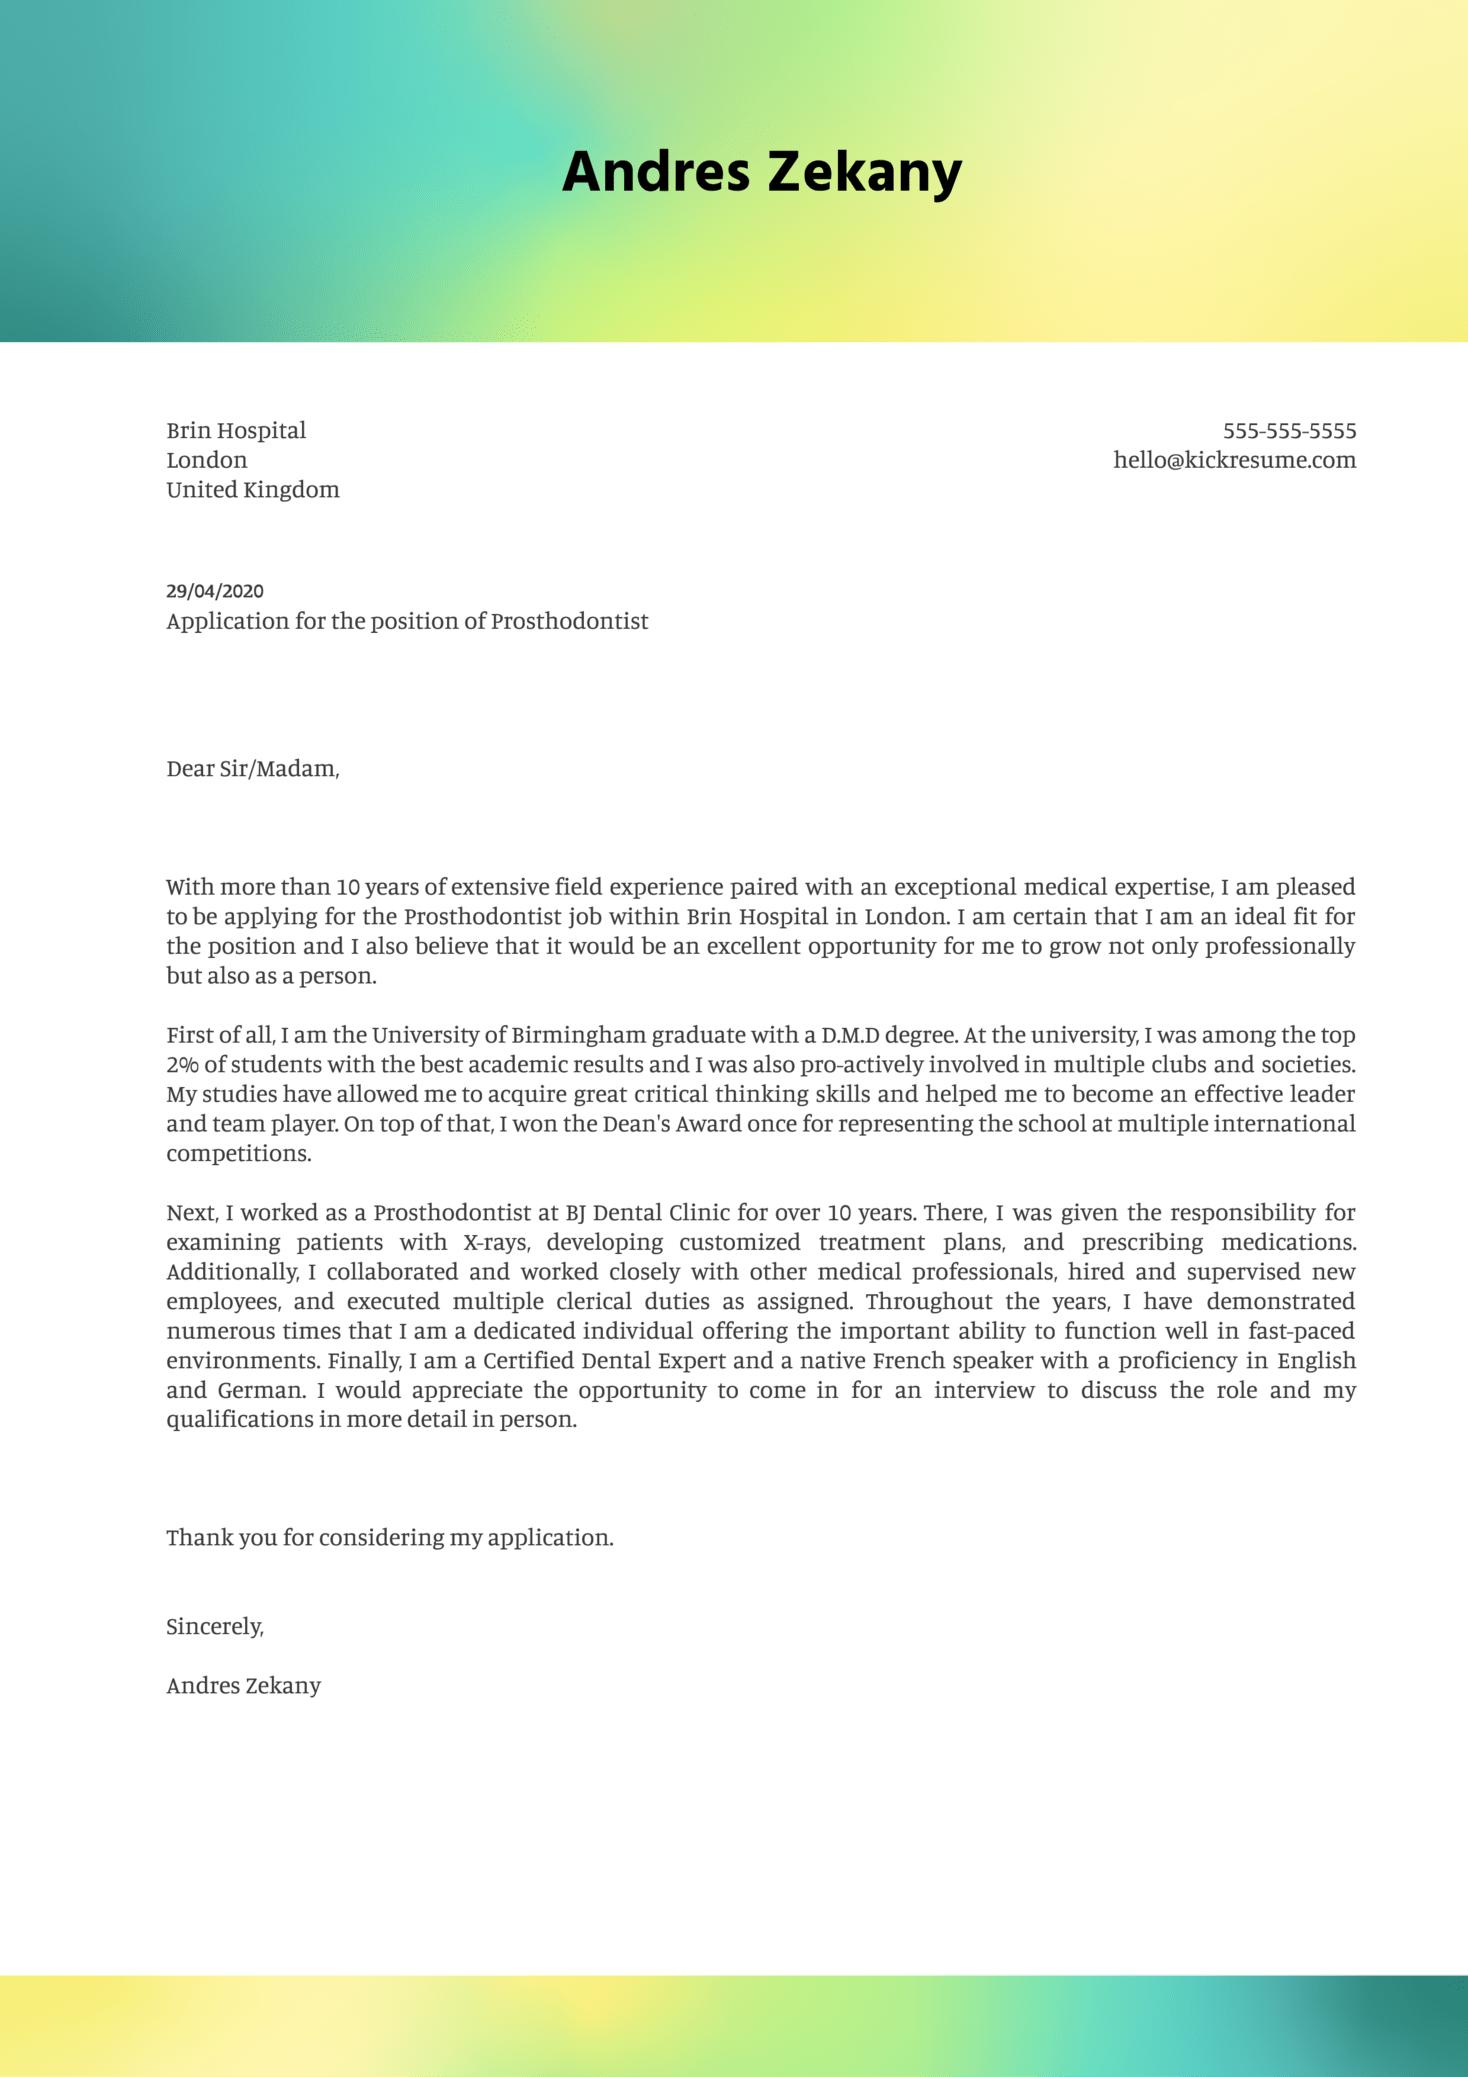 Prosthodontist Cover Letter Sample